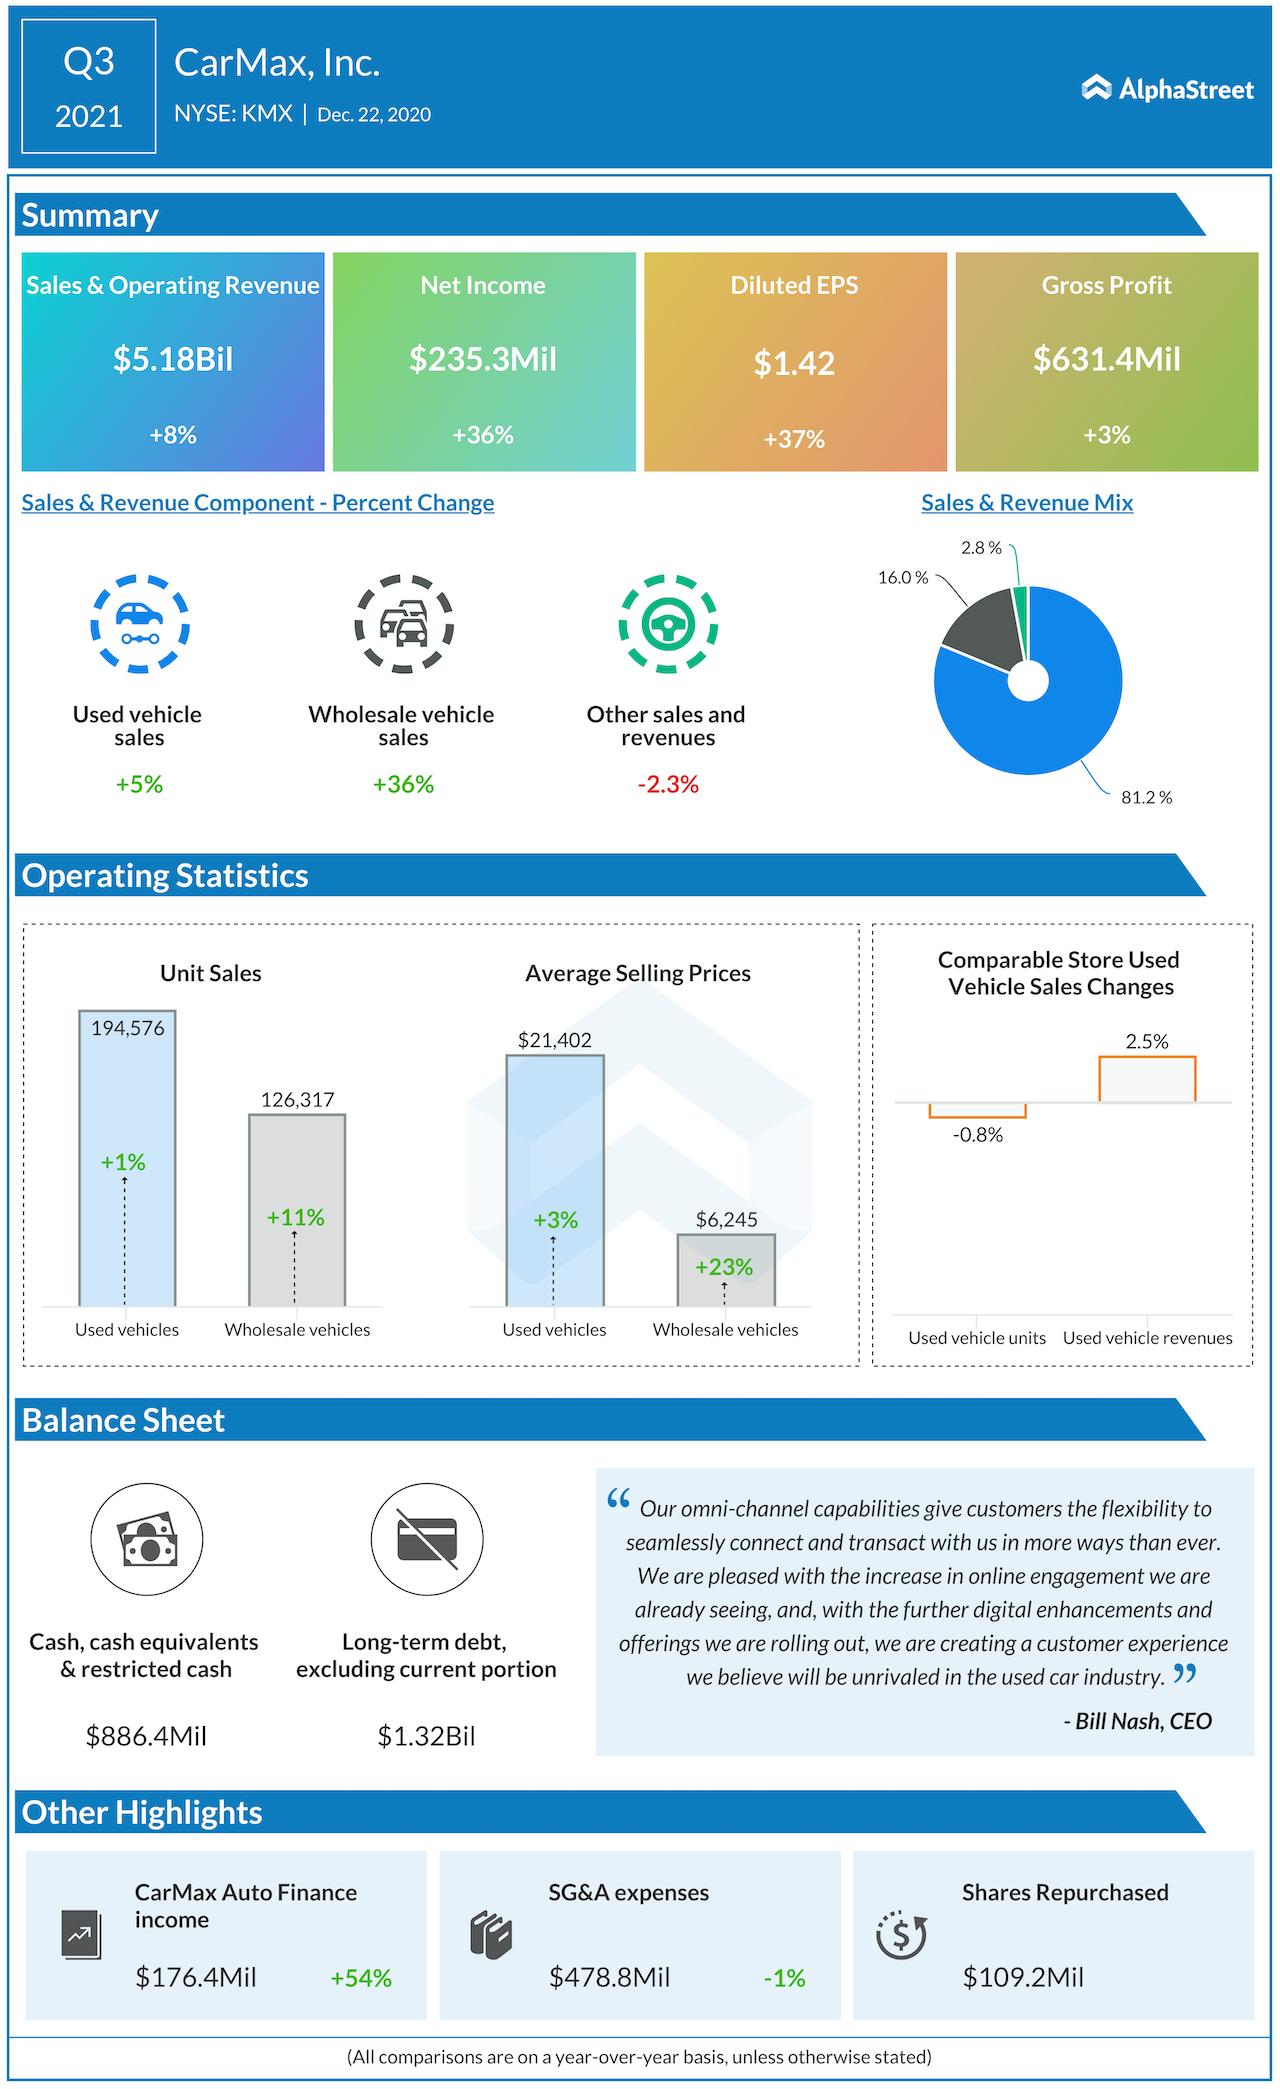 CarMax Q3 2021 earnings